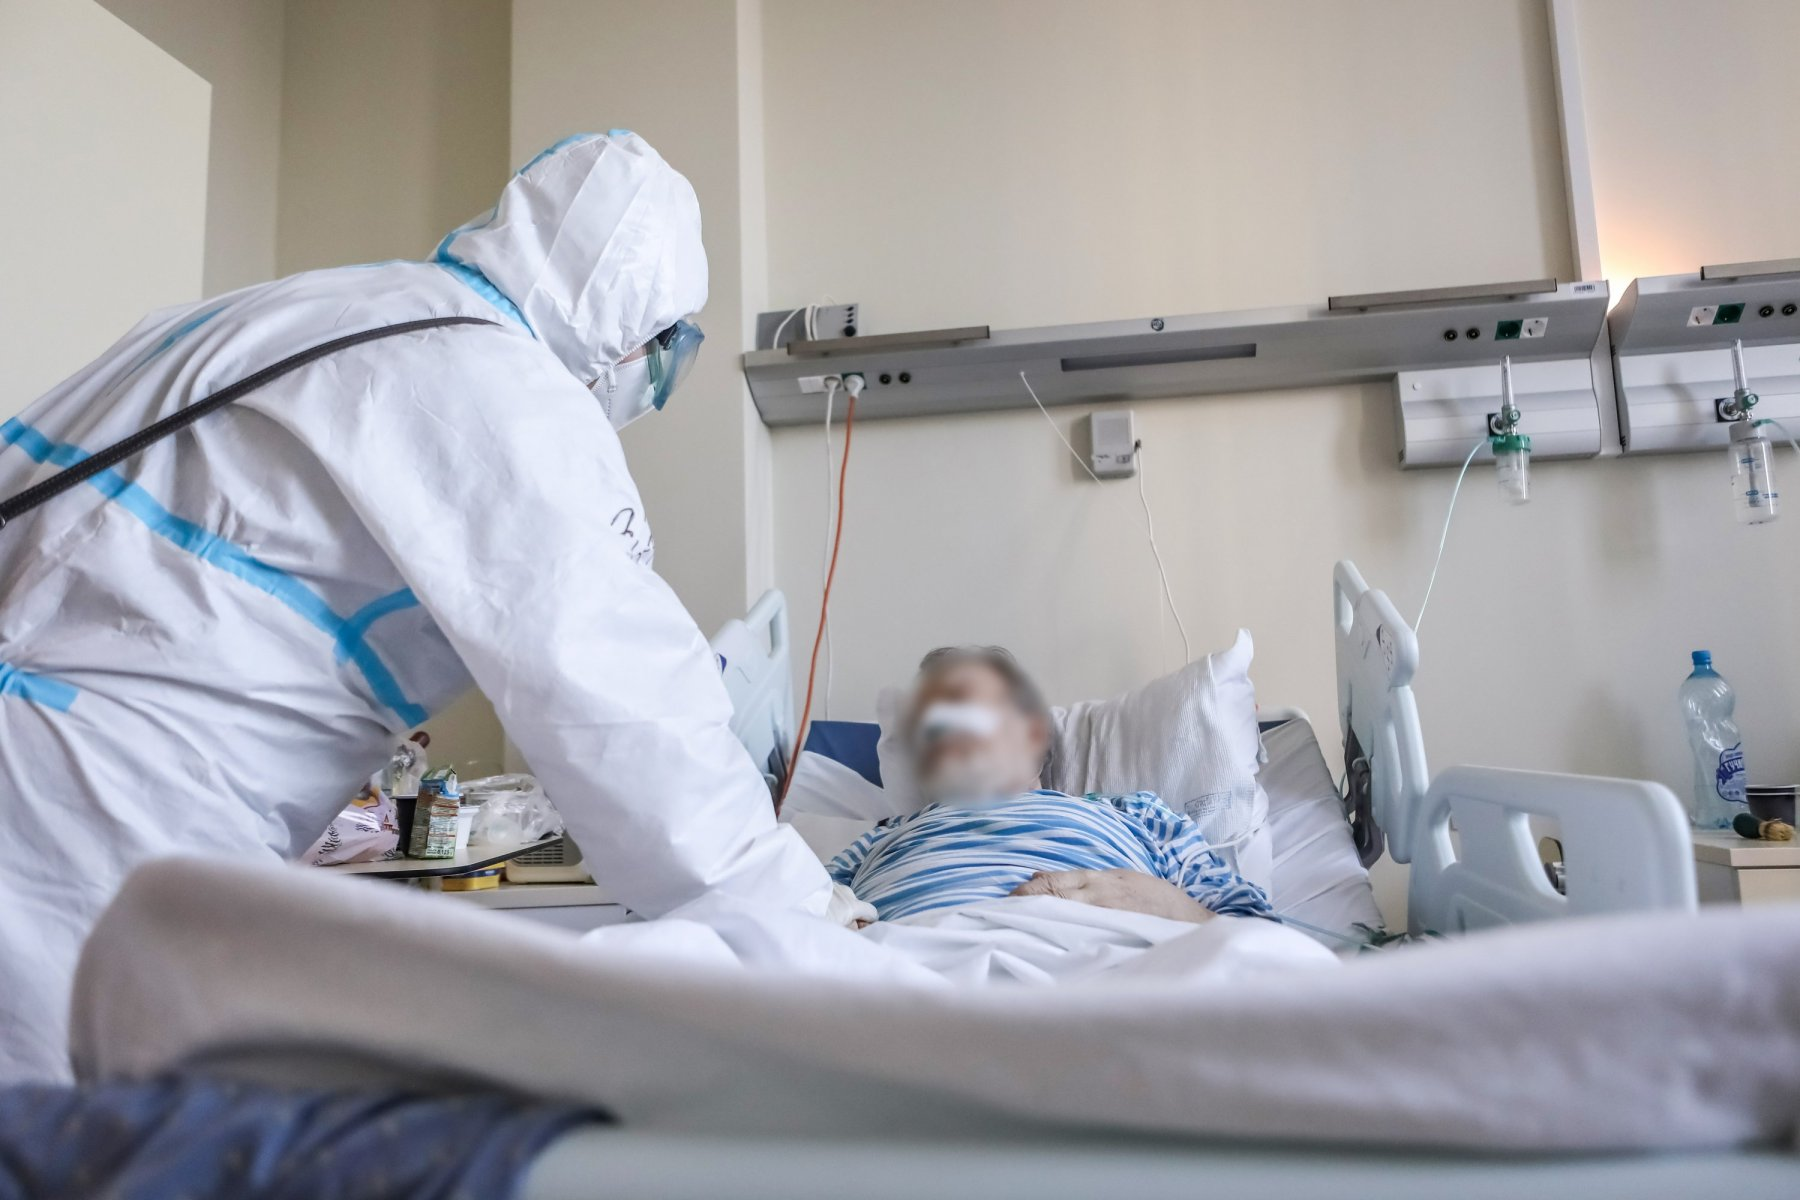 В Московской области врачам удалось спасти жизнь 56-летнего мужчины с 90% поражением легких и COVID-19